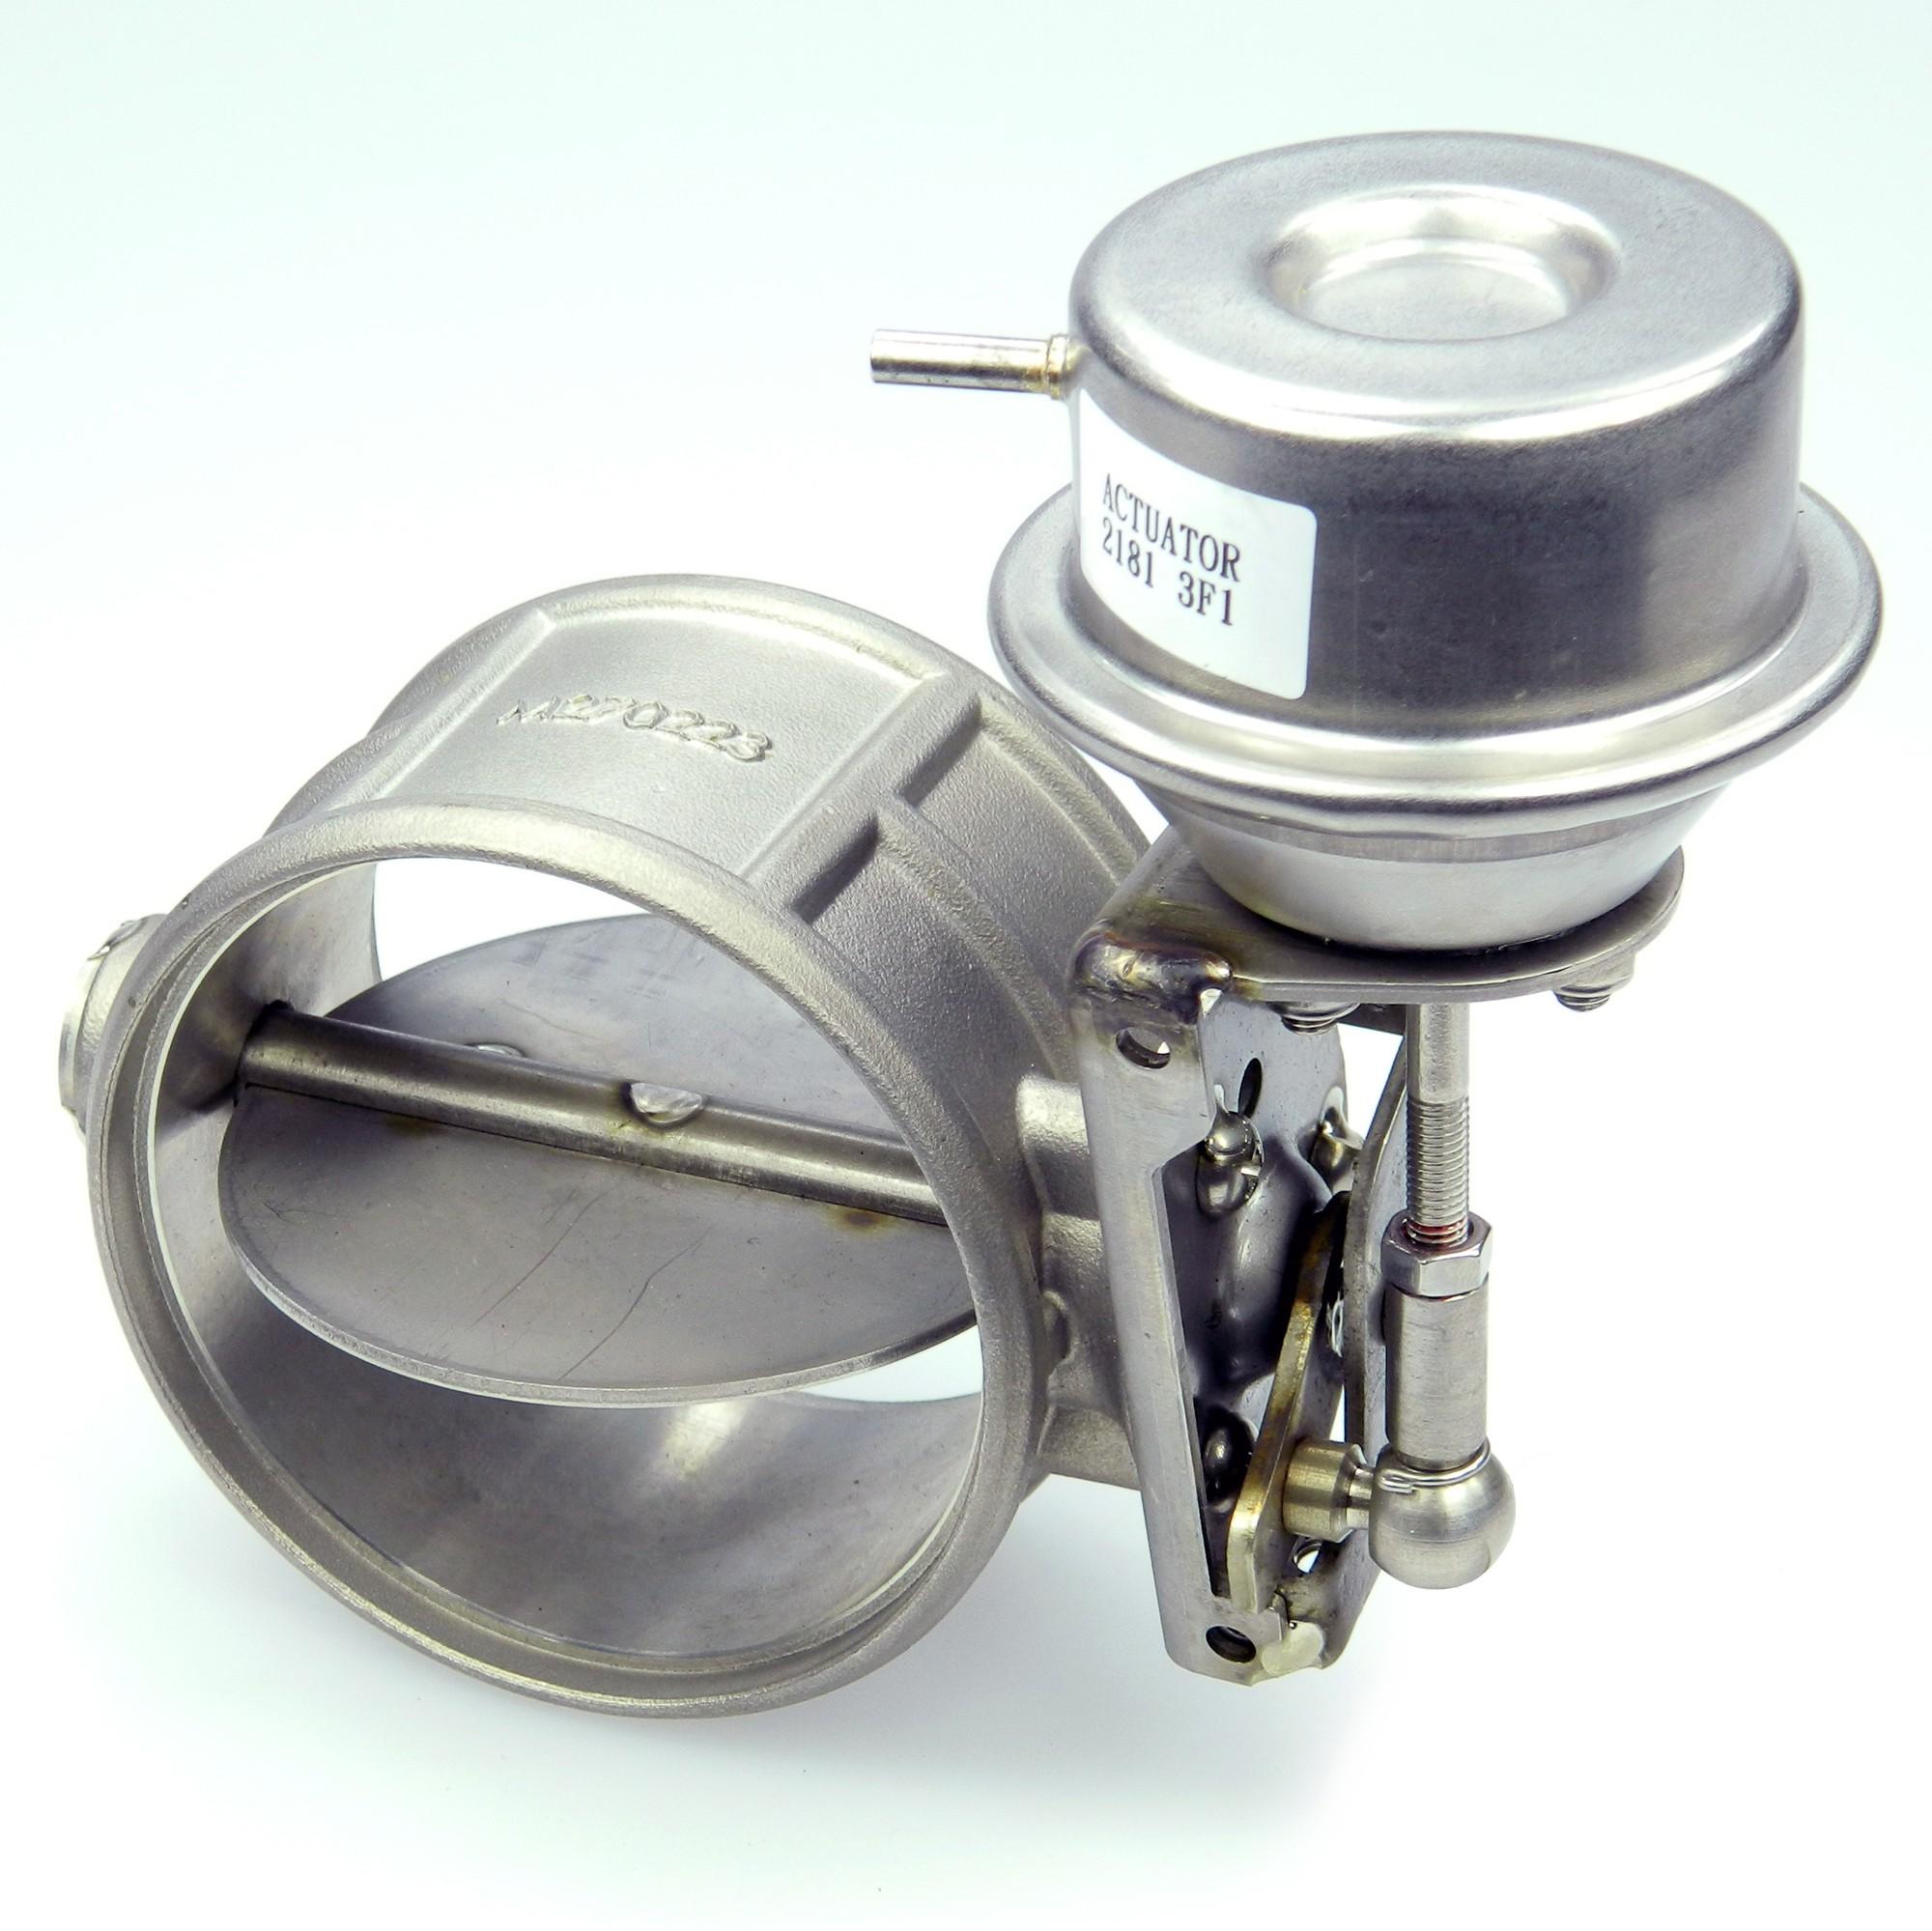 Komplettsystem Mit Druckbehälter Abgasklappe 70mm Unterdruck Gesteuert